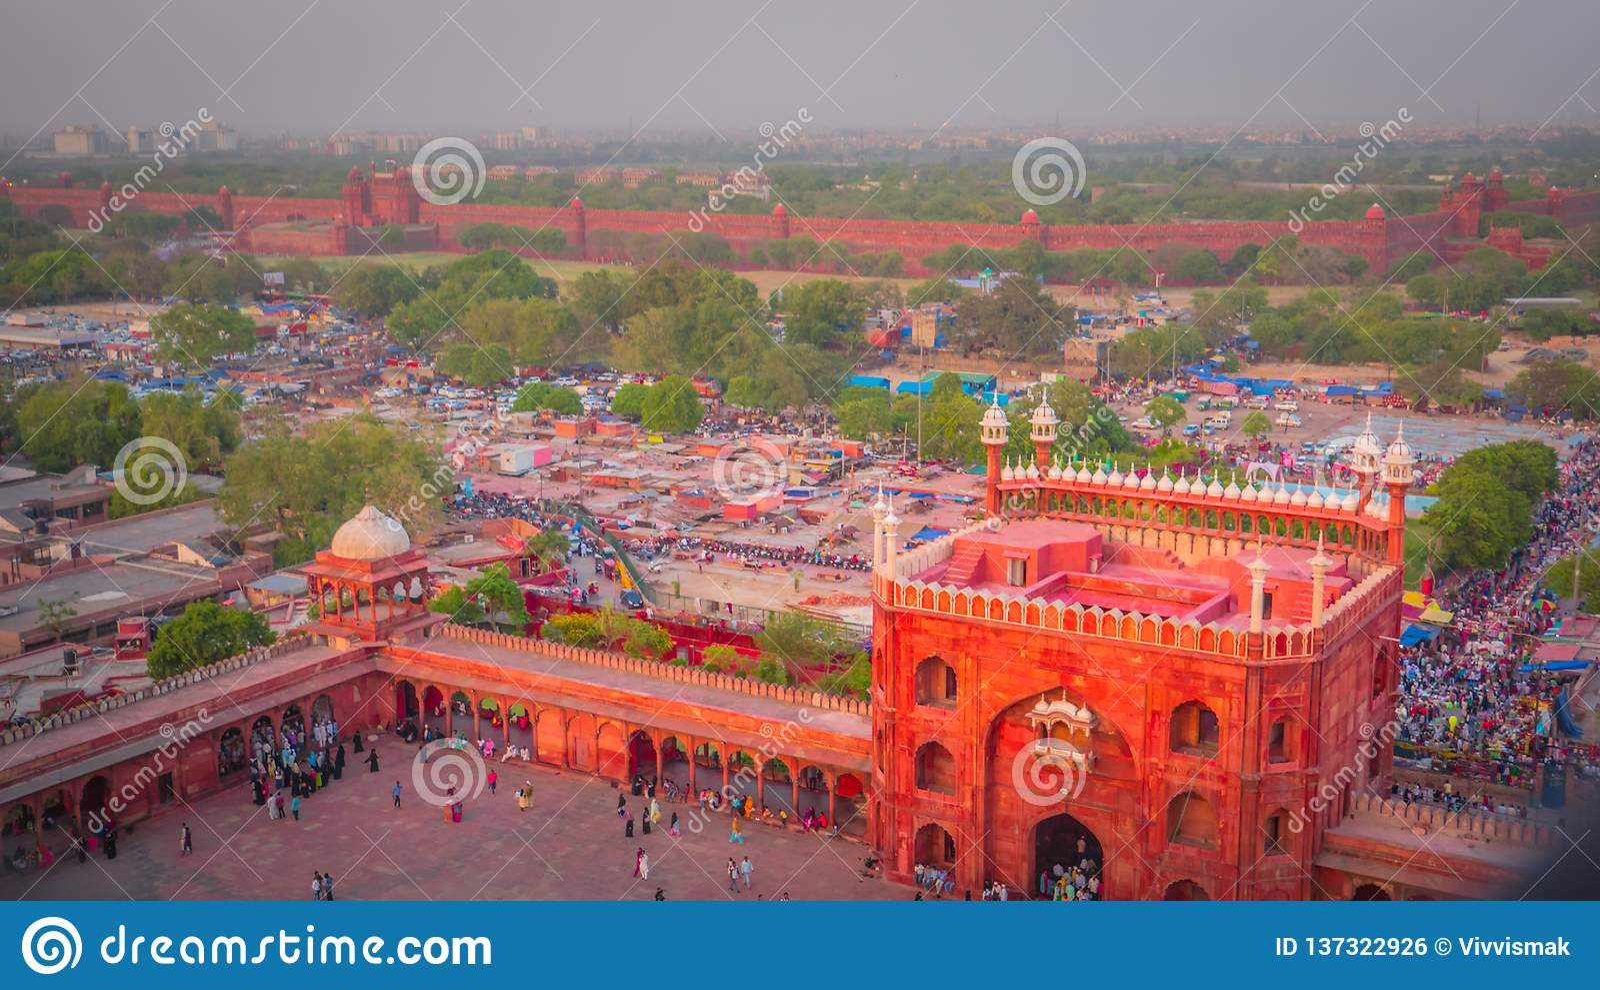 Chandni Chowk i Czerwony fortu widok z lotu ptaka od Jama Masjid meczetu w Starym Delhi, India